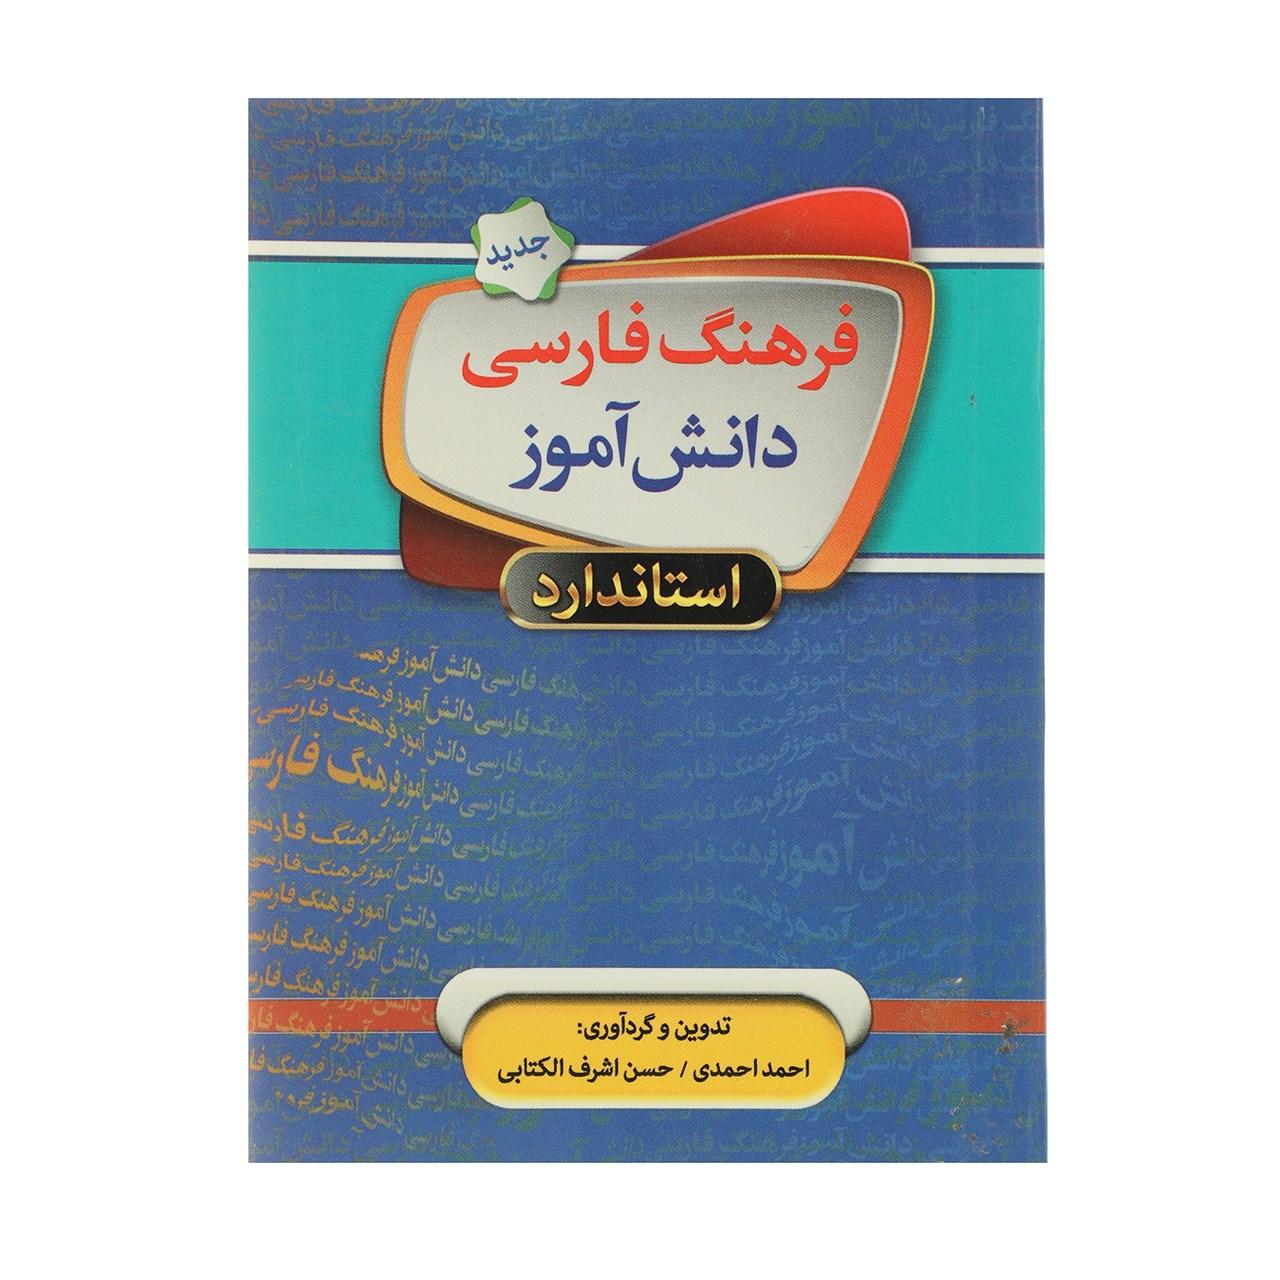 کتاب فرهنگ فارسی دانشآموز اثر احمد احمدی